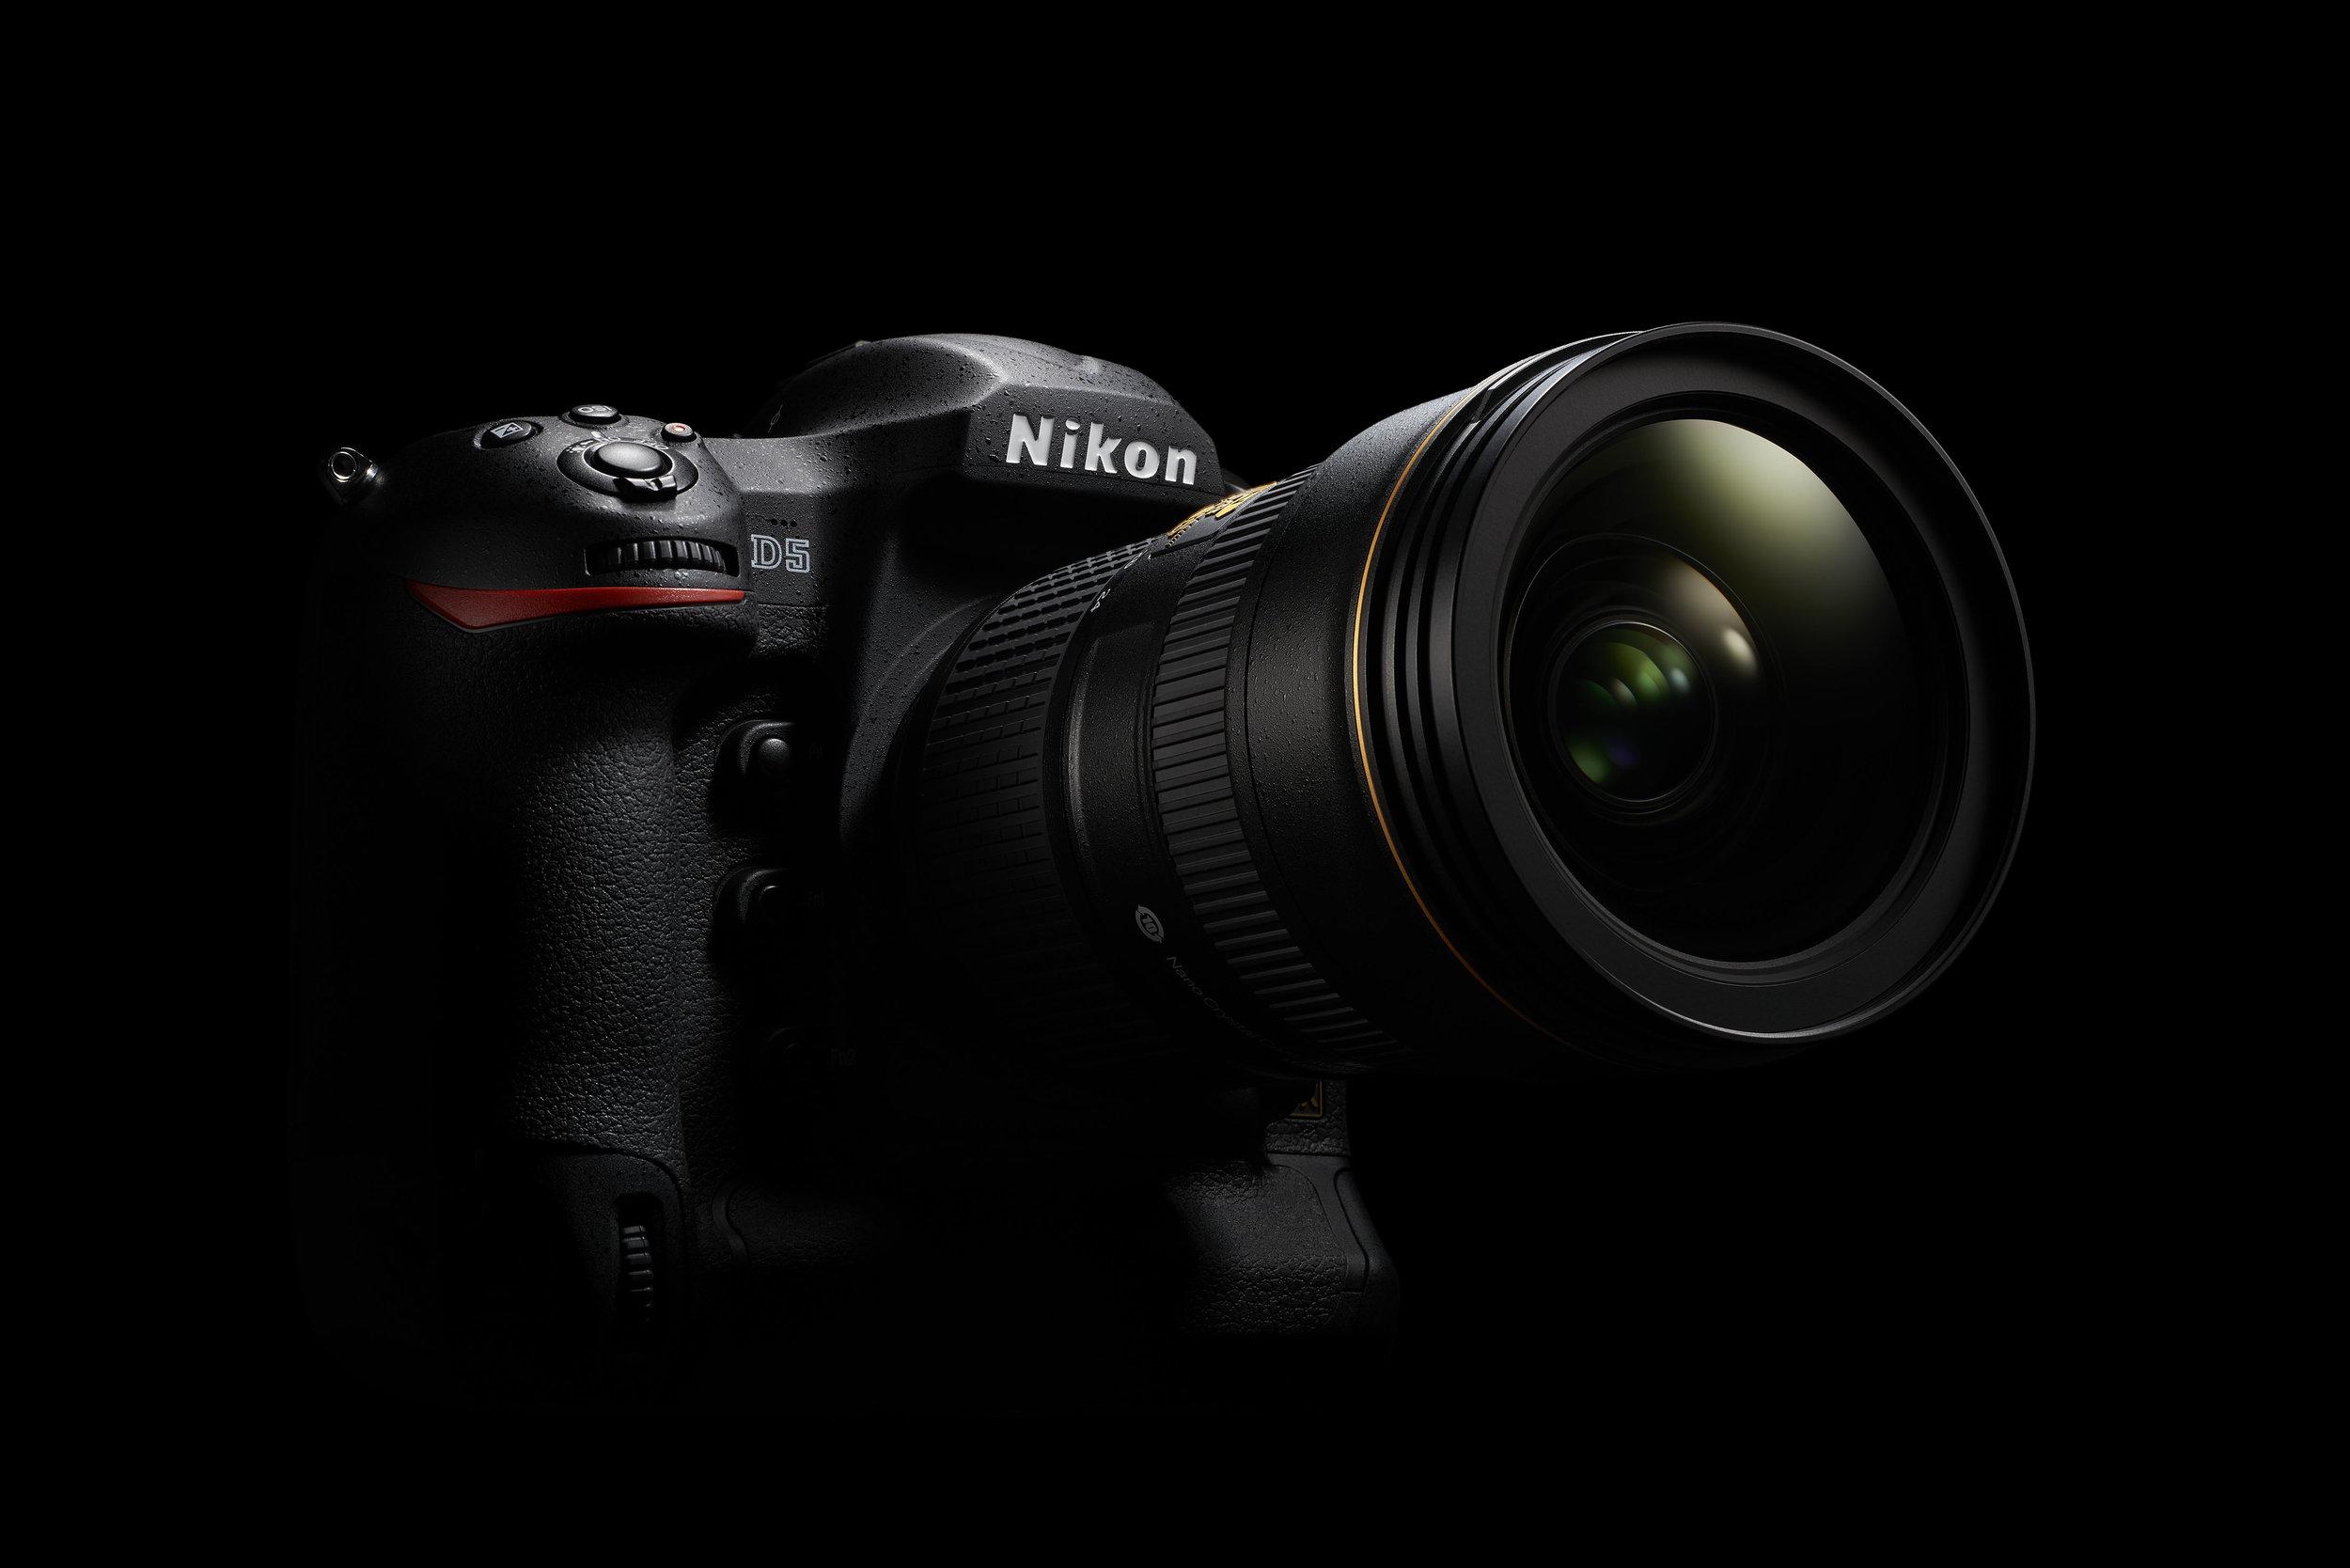 The King - Nikon's D5